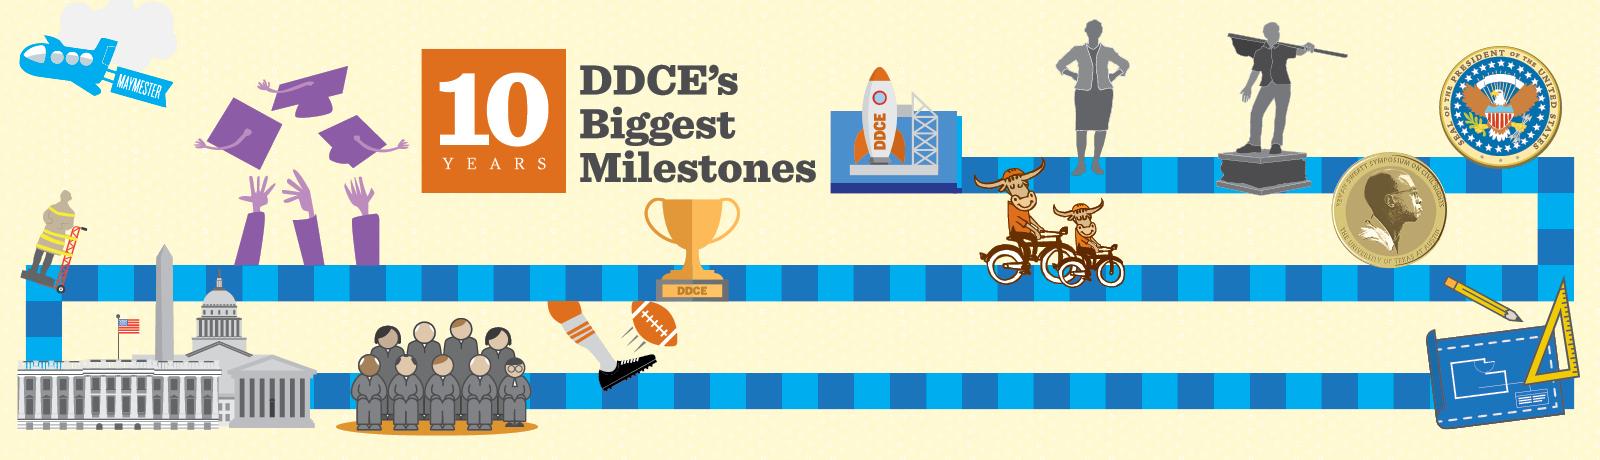 DDCE's Biggest Milestones